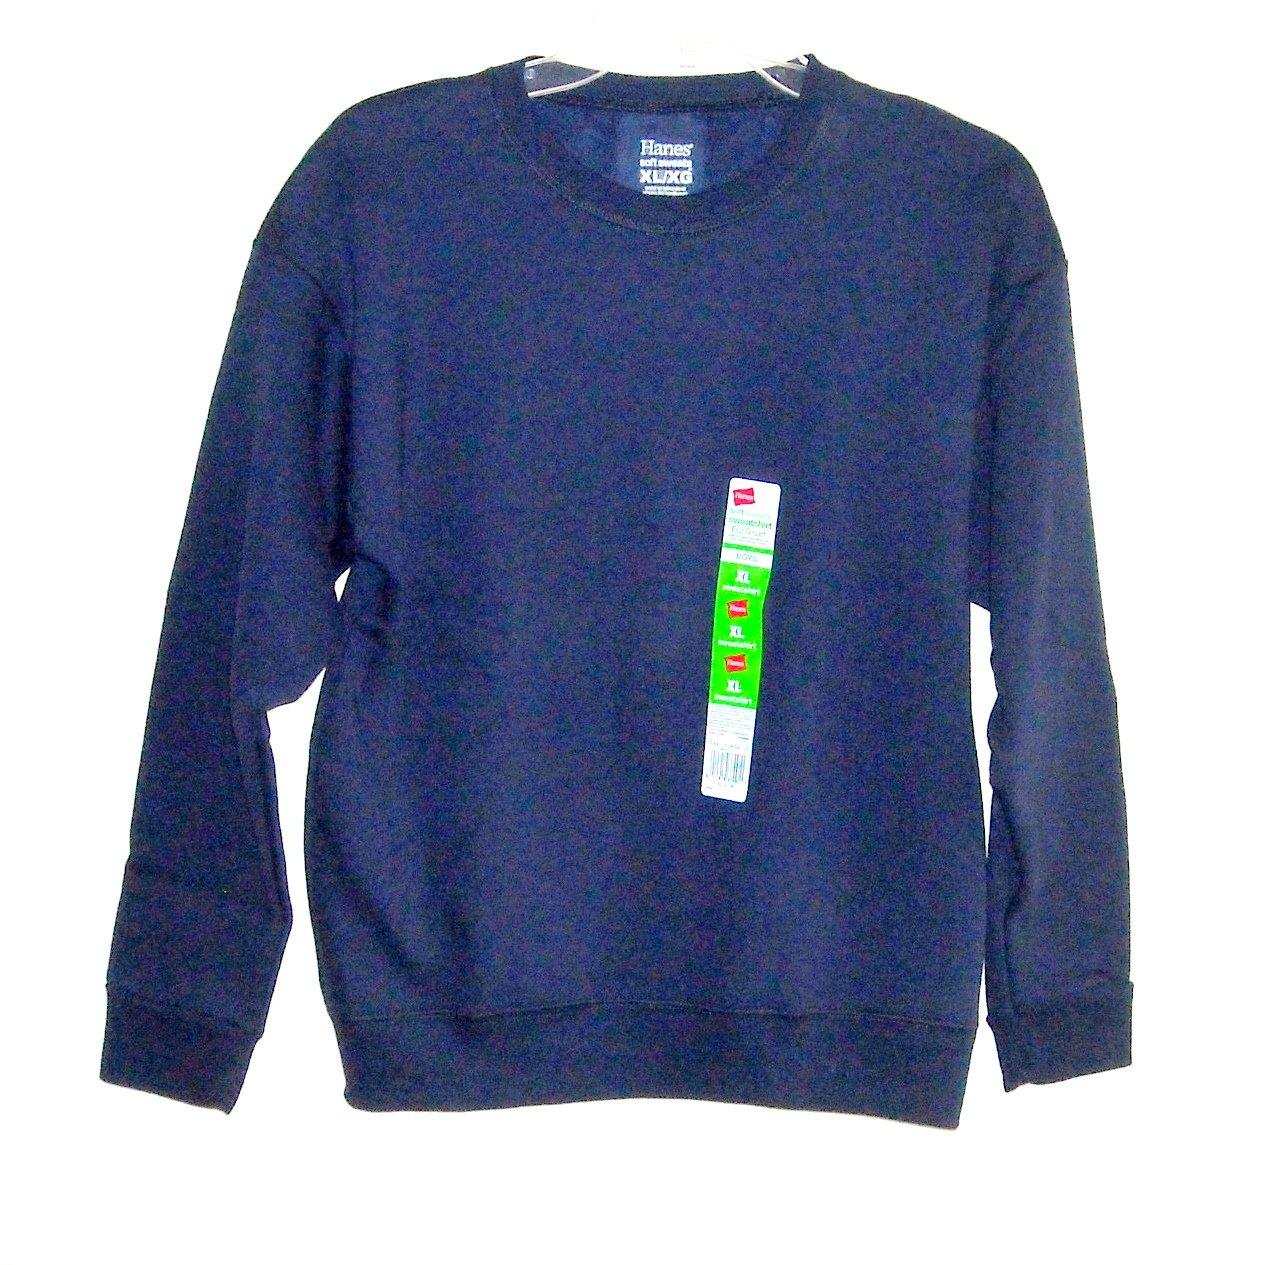 Hanes Boys Fleece Sweatshirt Sweats Navy Blue  XL/XG 14/16